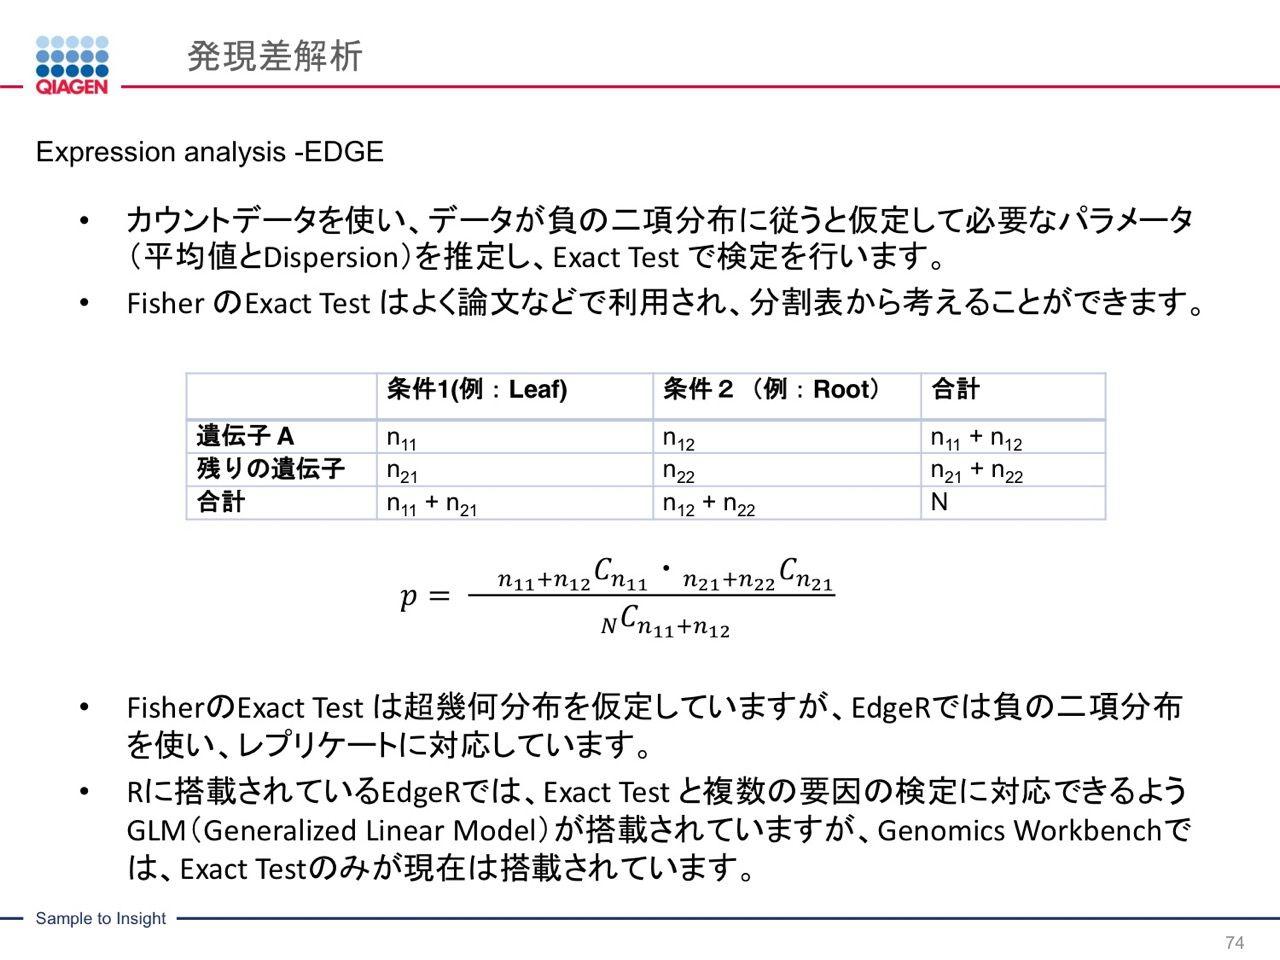 images/AJACSa2_miyamoto_074.jpg